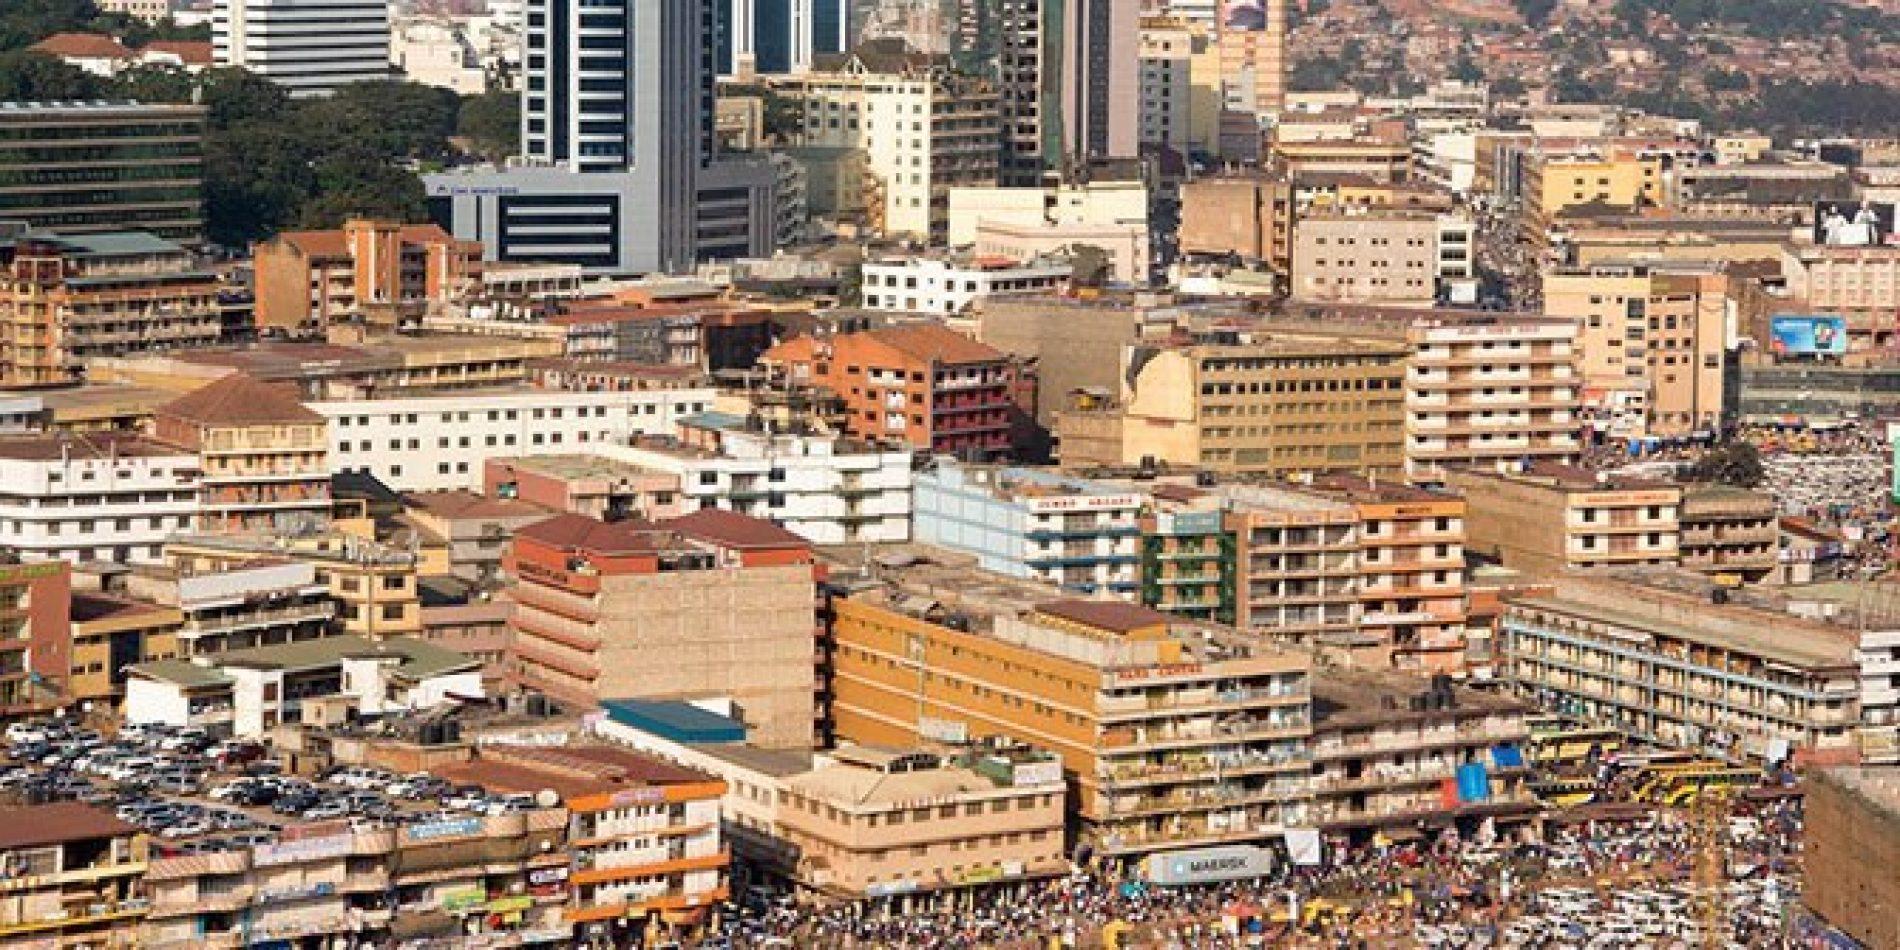 Ouganda – Assainissement urbain: Des projets locaux pour transformer Kampala